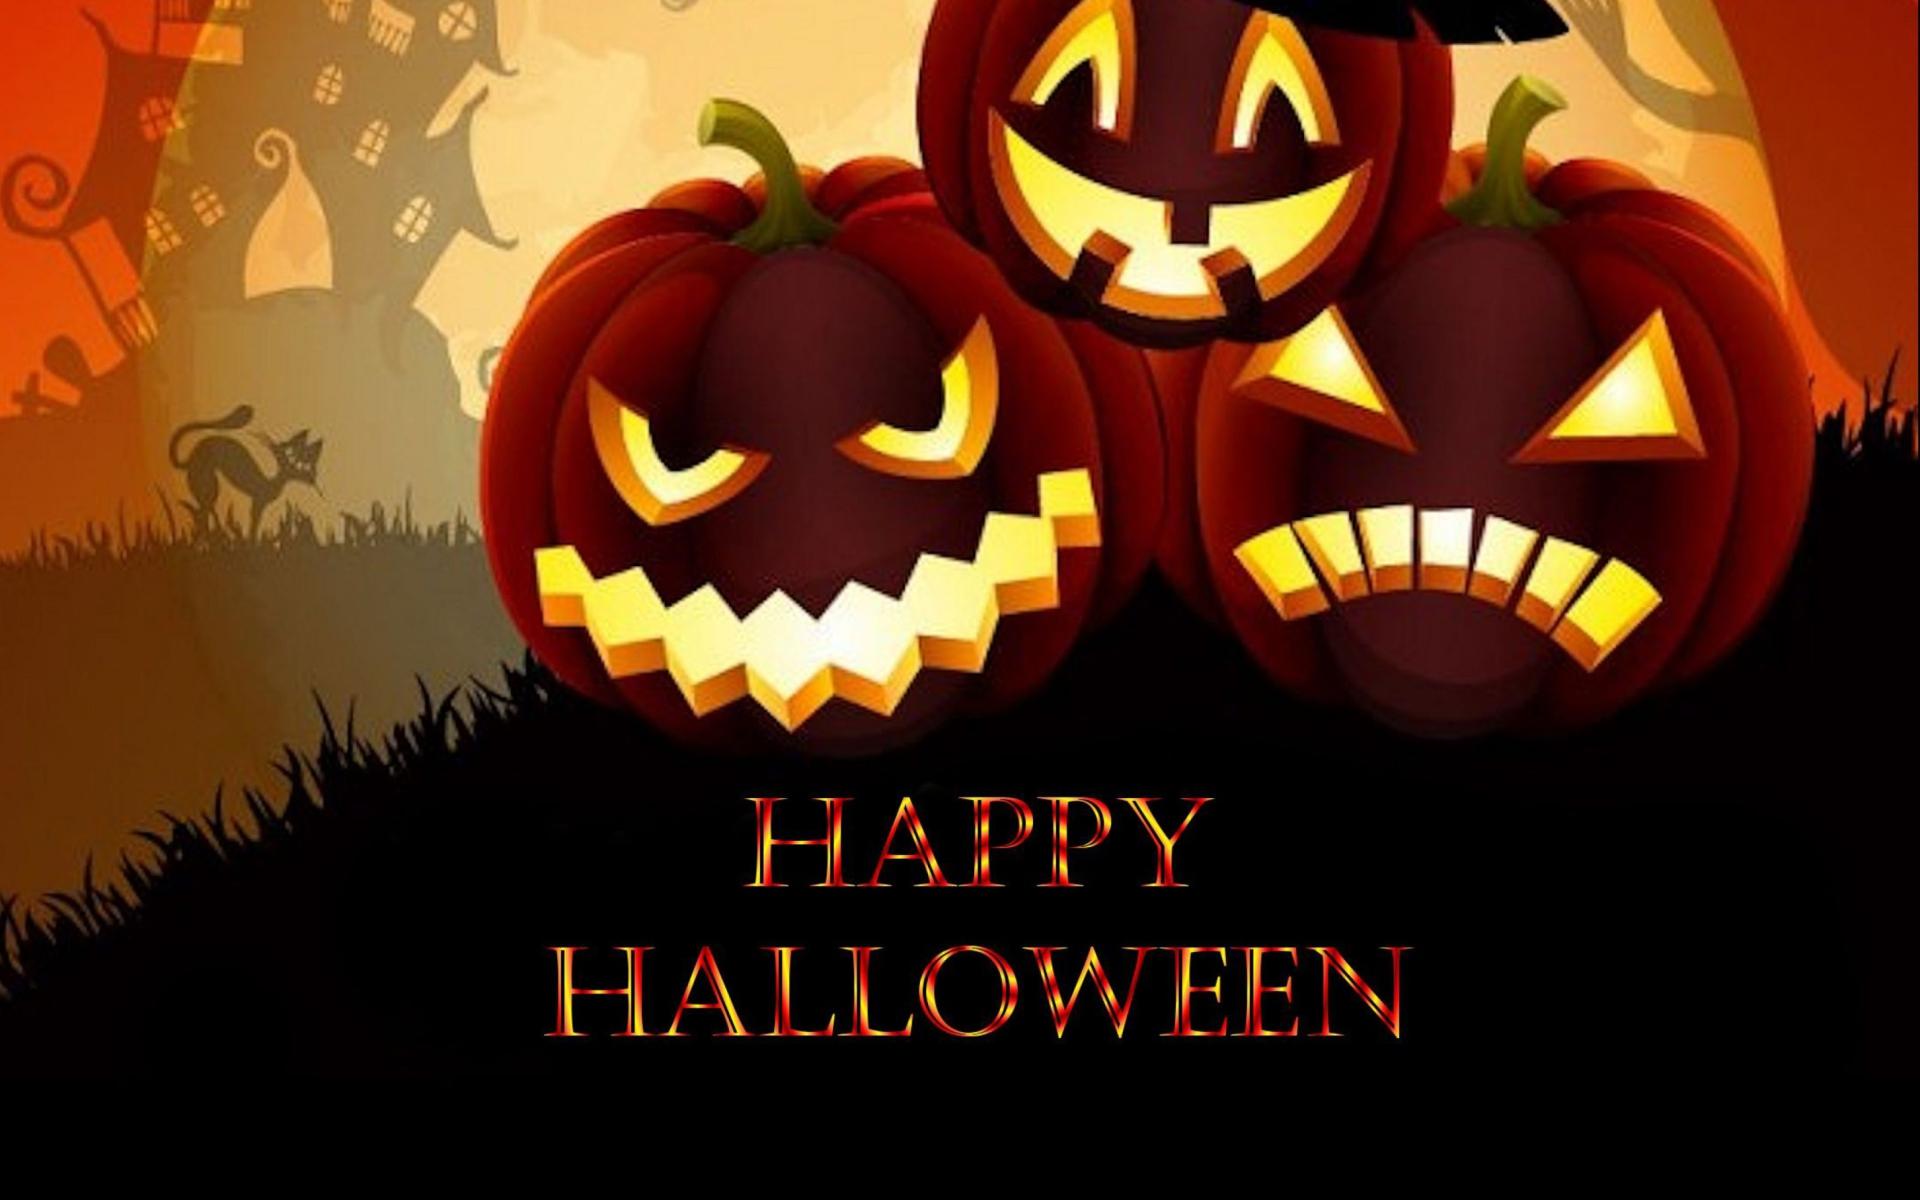 Happy Halloween HD wallpapers 1920x1200